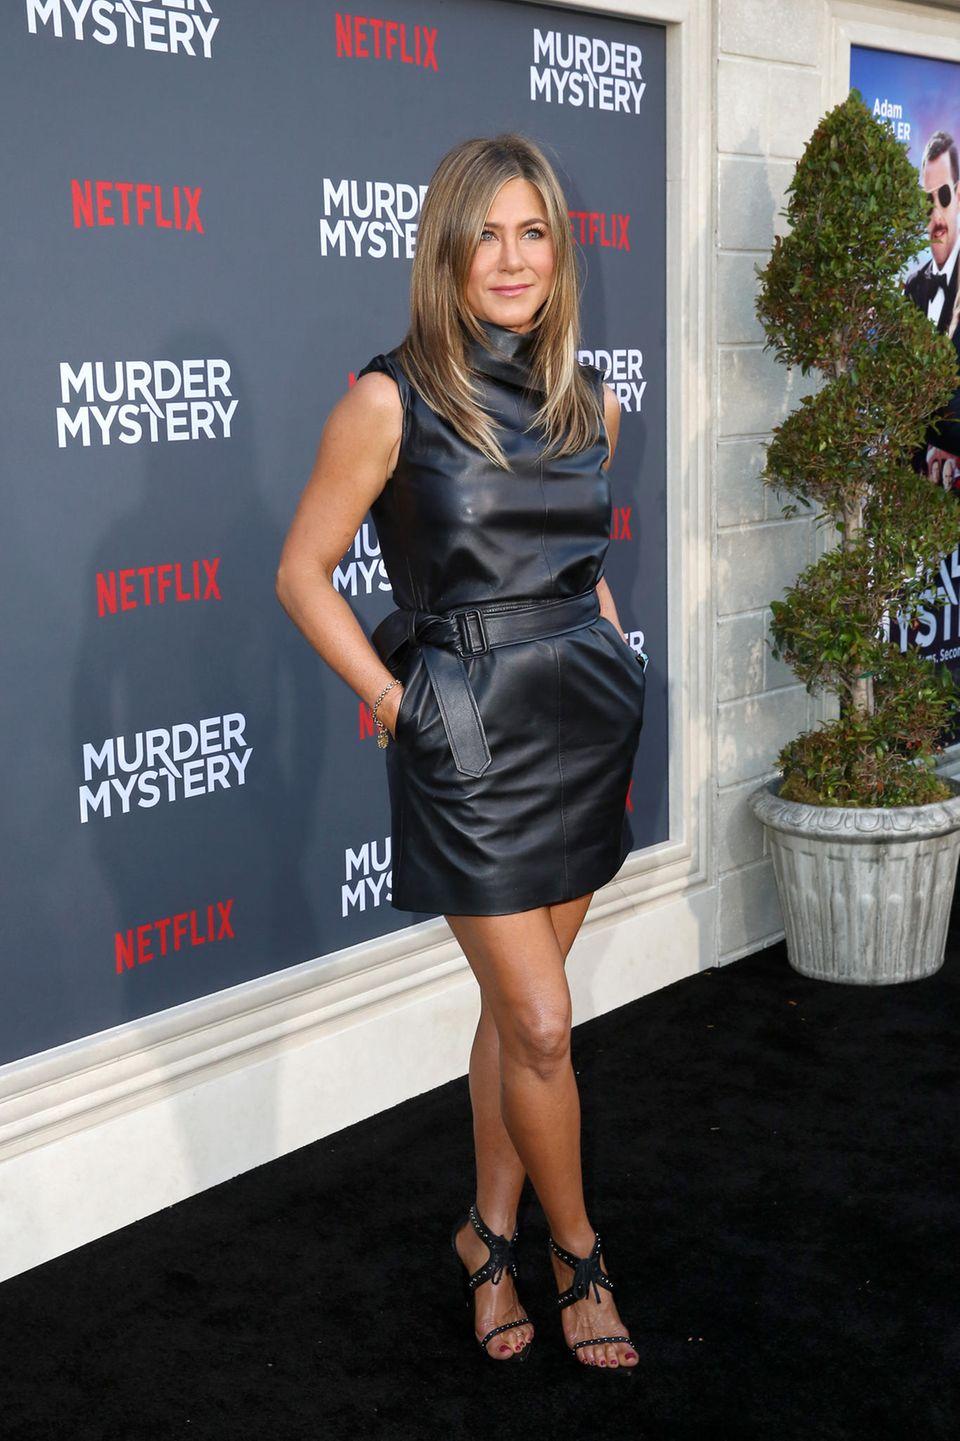 Auf dem roten Teppich gehört Schauspielerin Jennifer Aniston immer zu den am besten angezogenenFrauen. Doch in ihrem Körper fühlt sich die1,64 Meter große Schauspielerin so richtig wohl, wenn sie 49 bis 51 kg wiegt. Davon sei sie derzeit noch fünf Pfund entfernt.